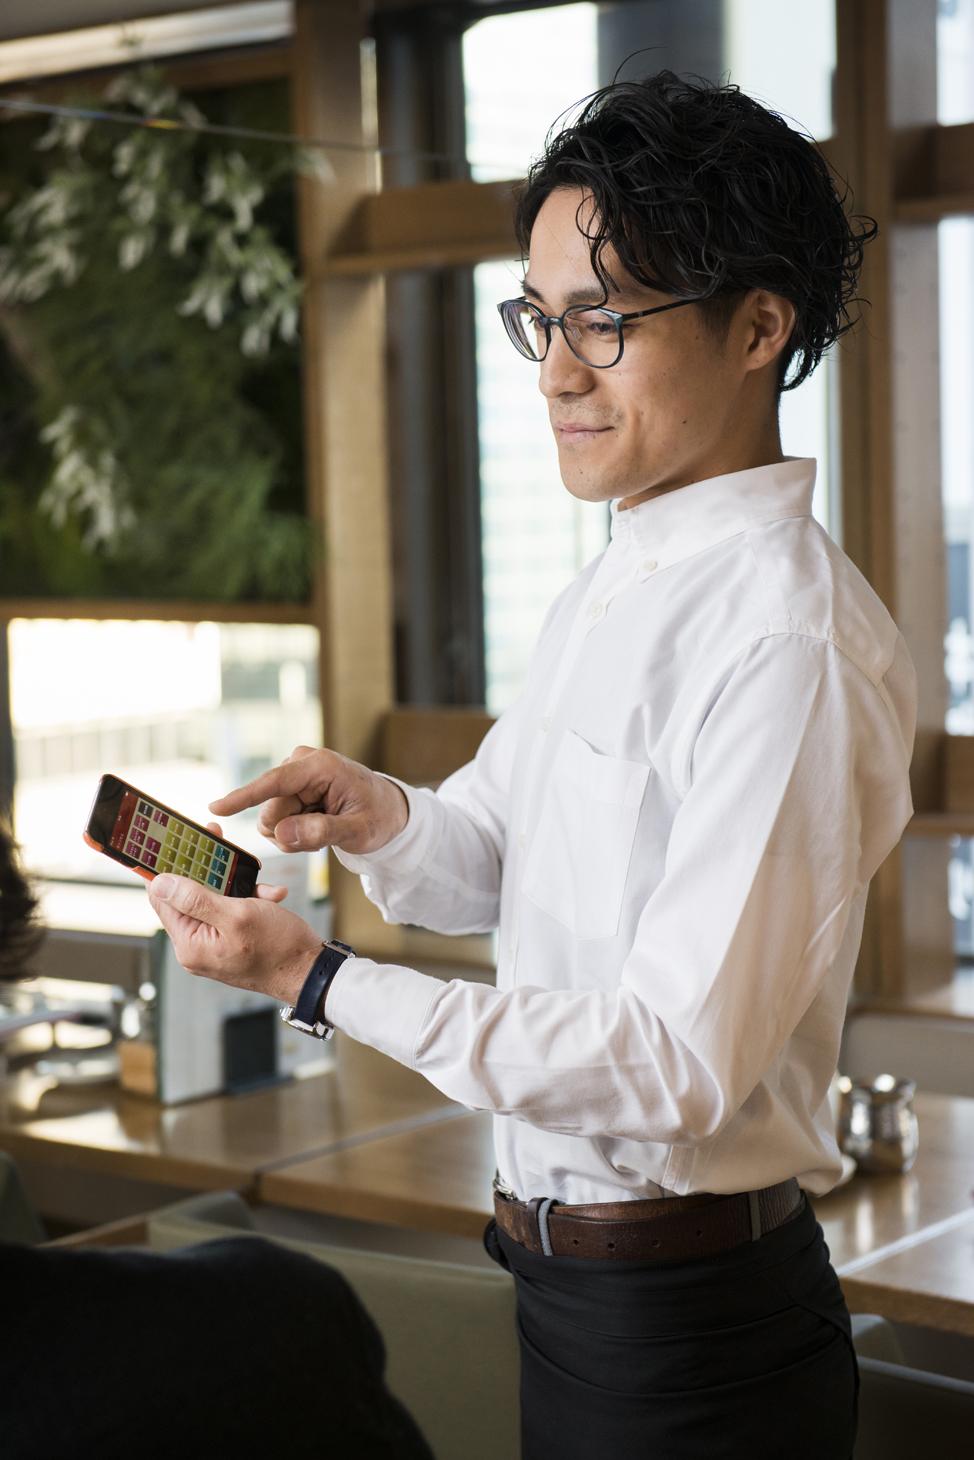 オーダー用アプリ「FlickOrder」を使用する店長菅野様